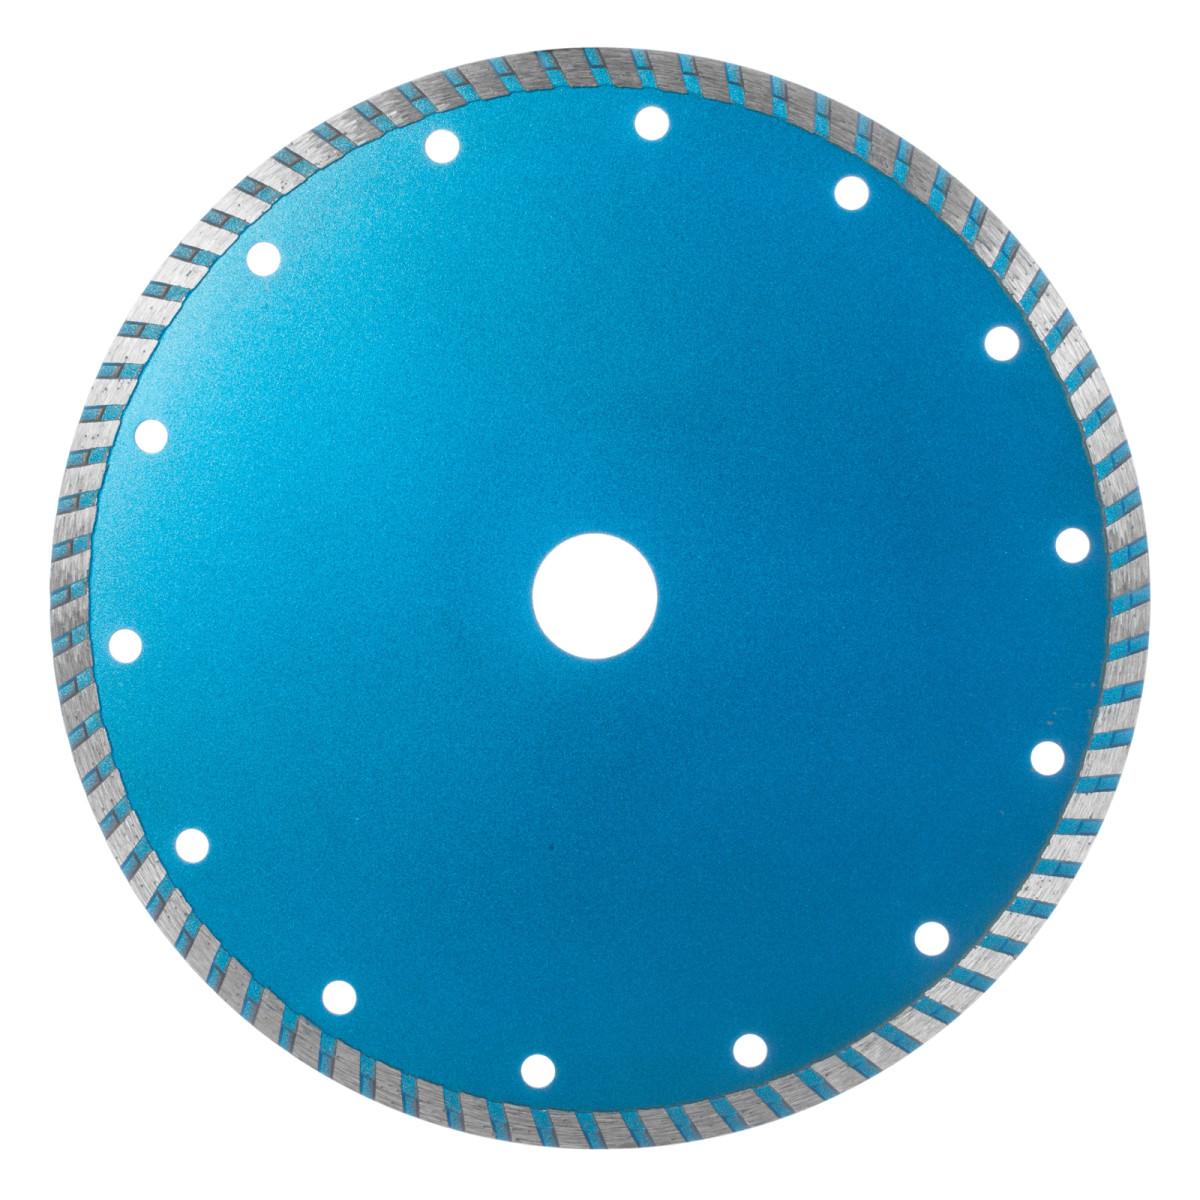 Диск Алмазный Ремоколор Турбо 200Х222 37-1-111